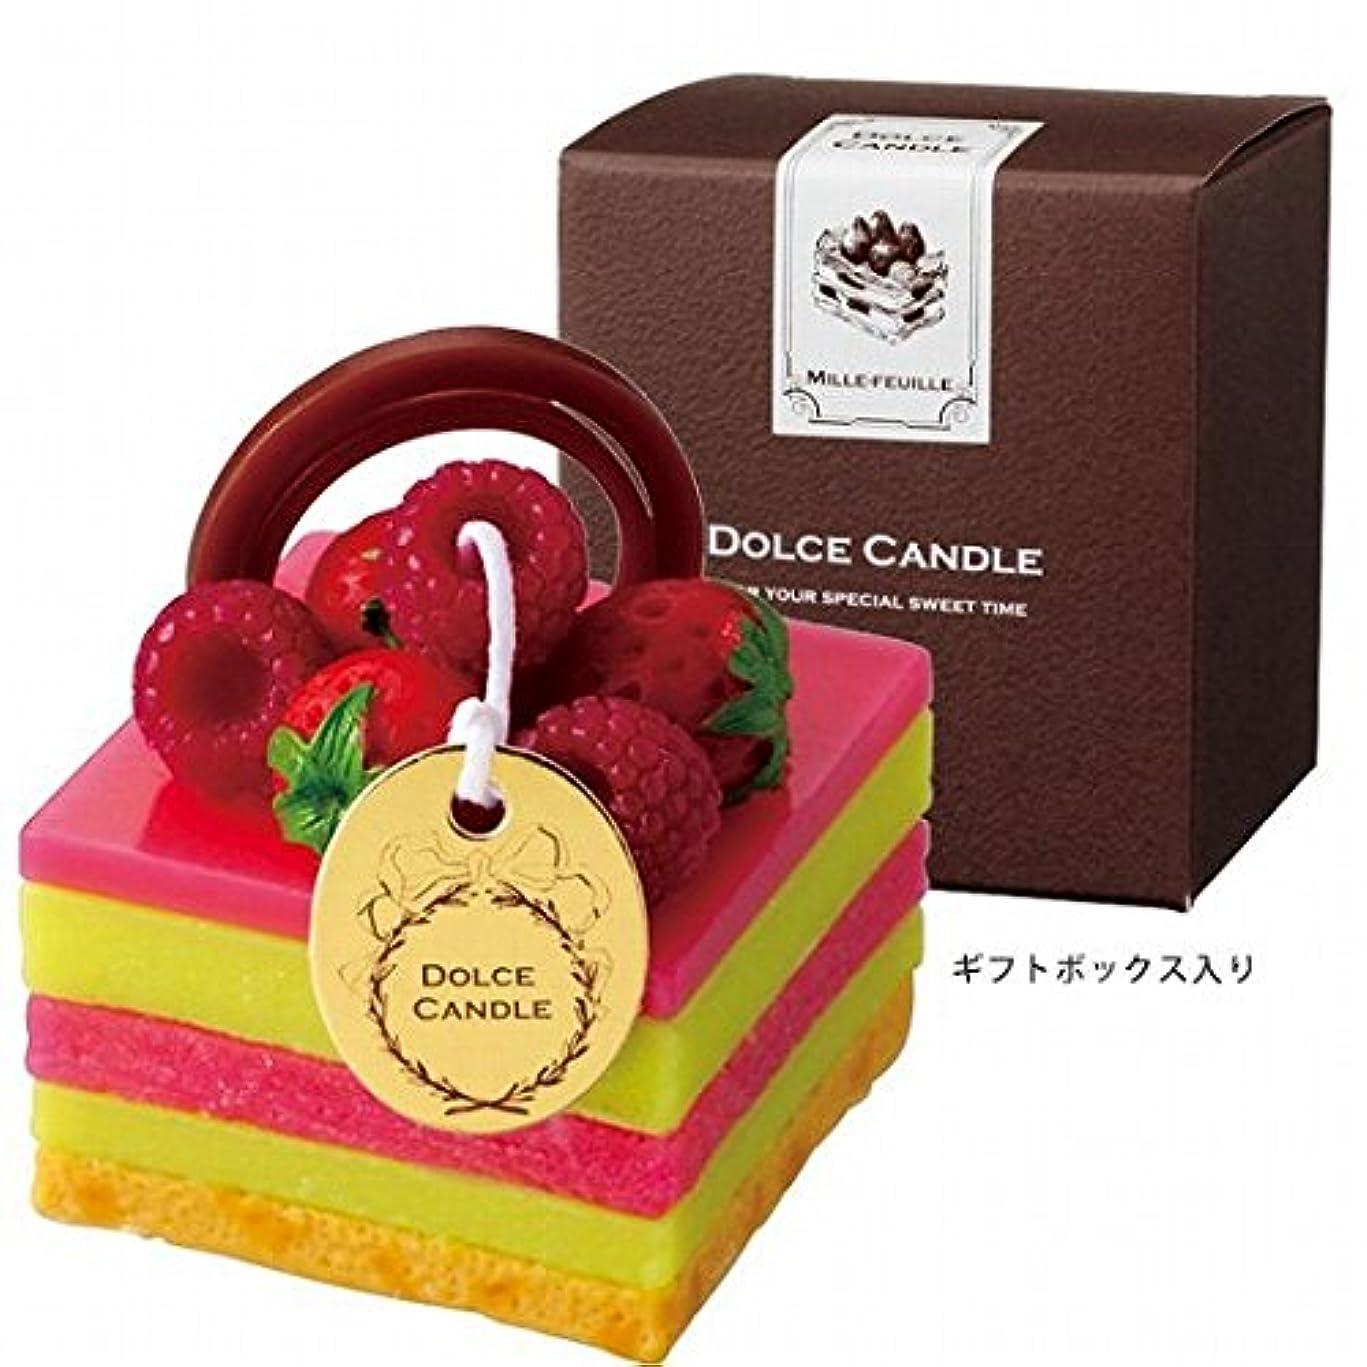 お願いしますガードウィスキーカメヤマキャンドル(kameyama candle) ドルチェキャンドル 「 ベリーピスタチオ 」